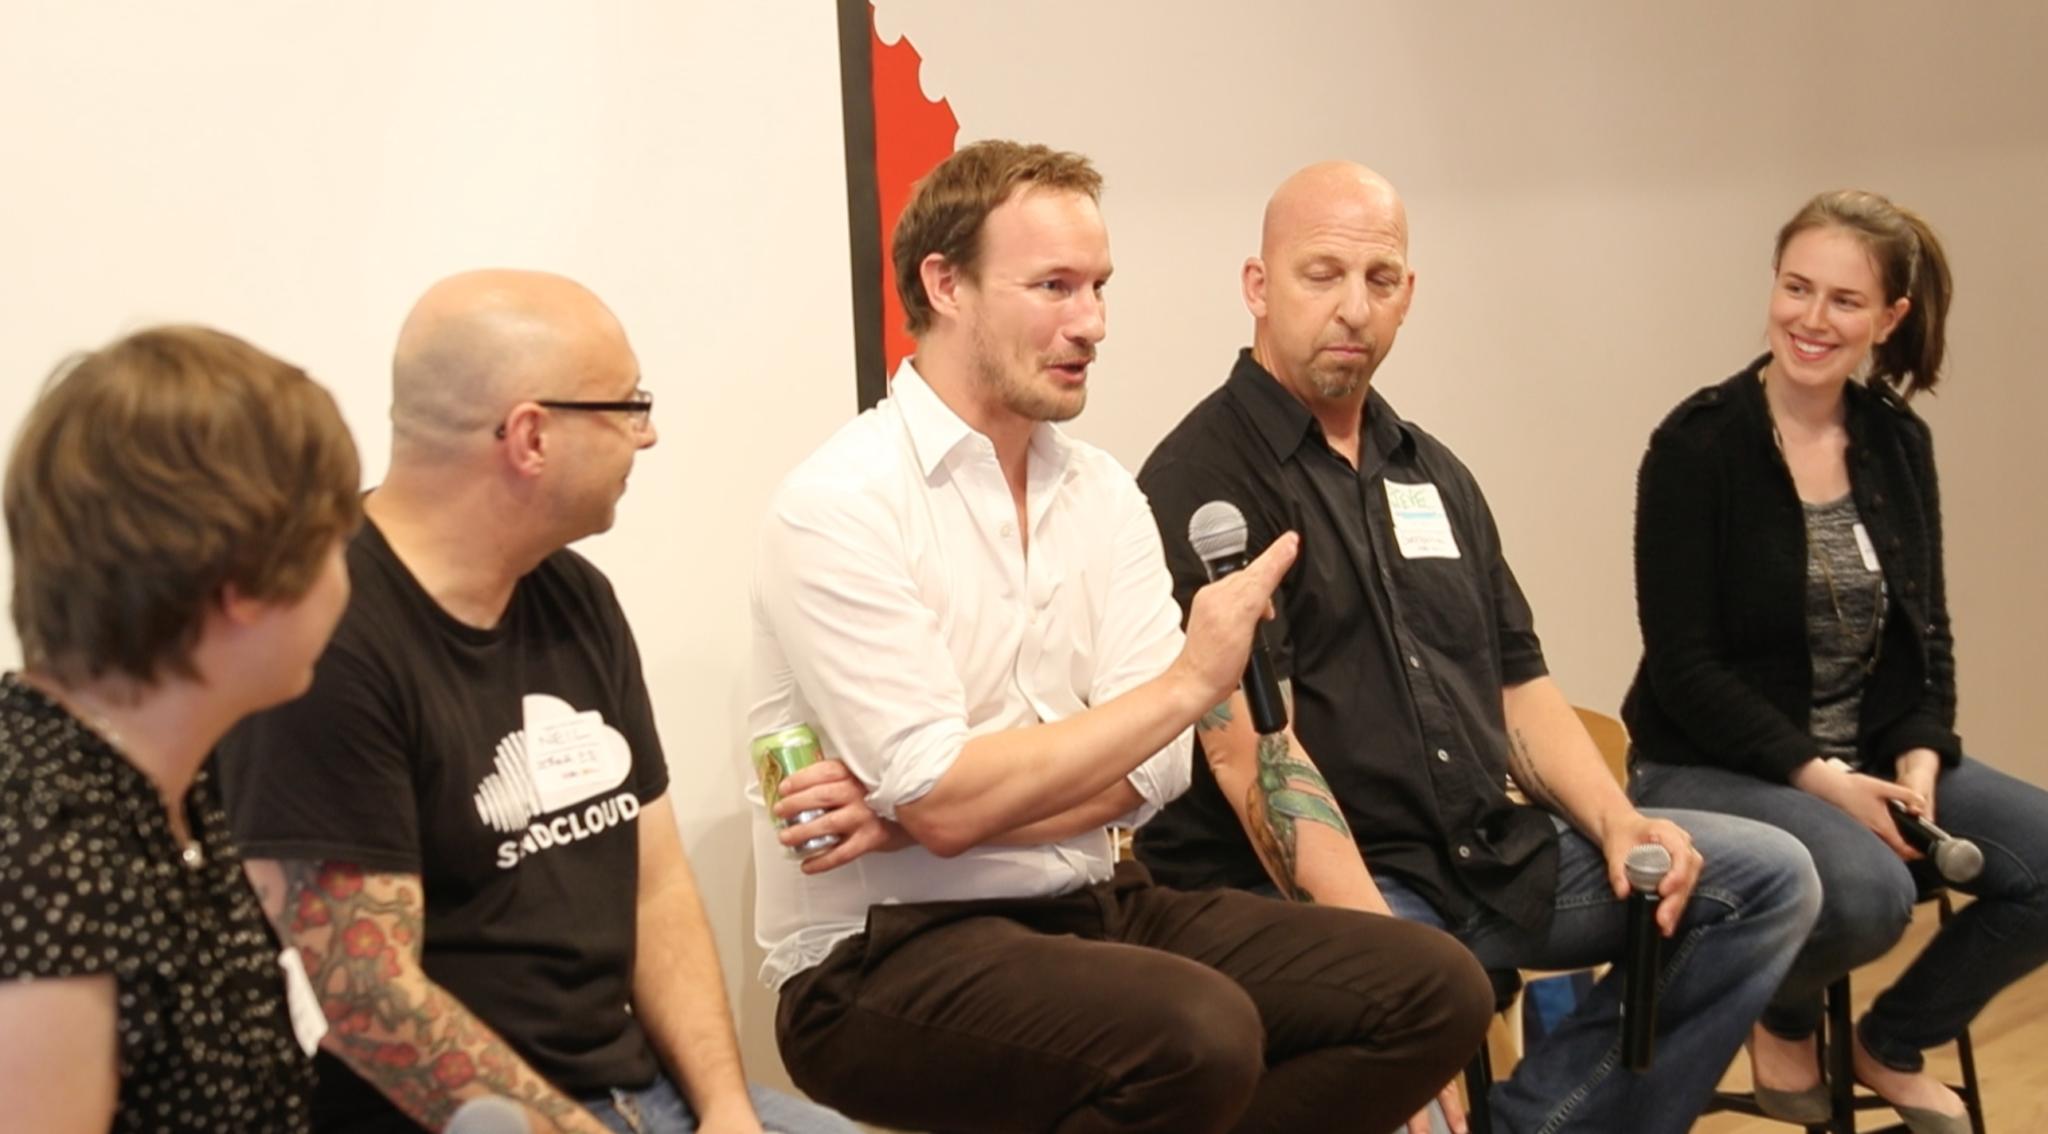 Joris Luijke on overcoming manager challenges